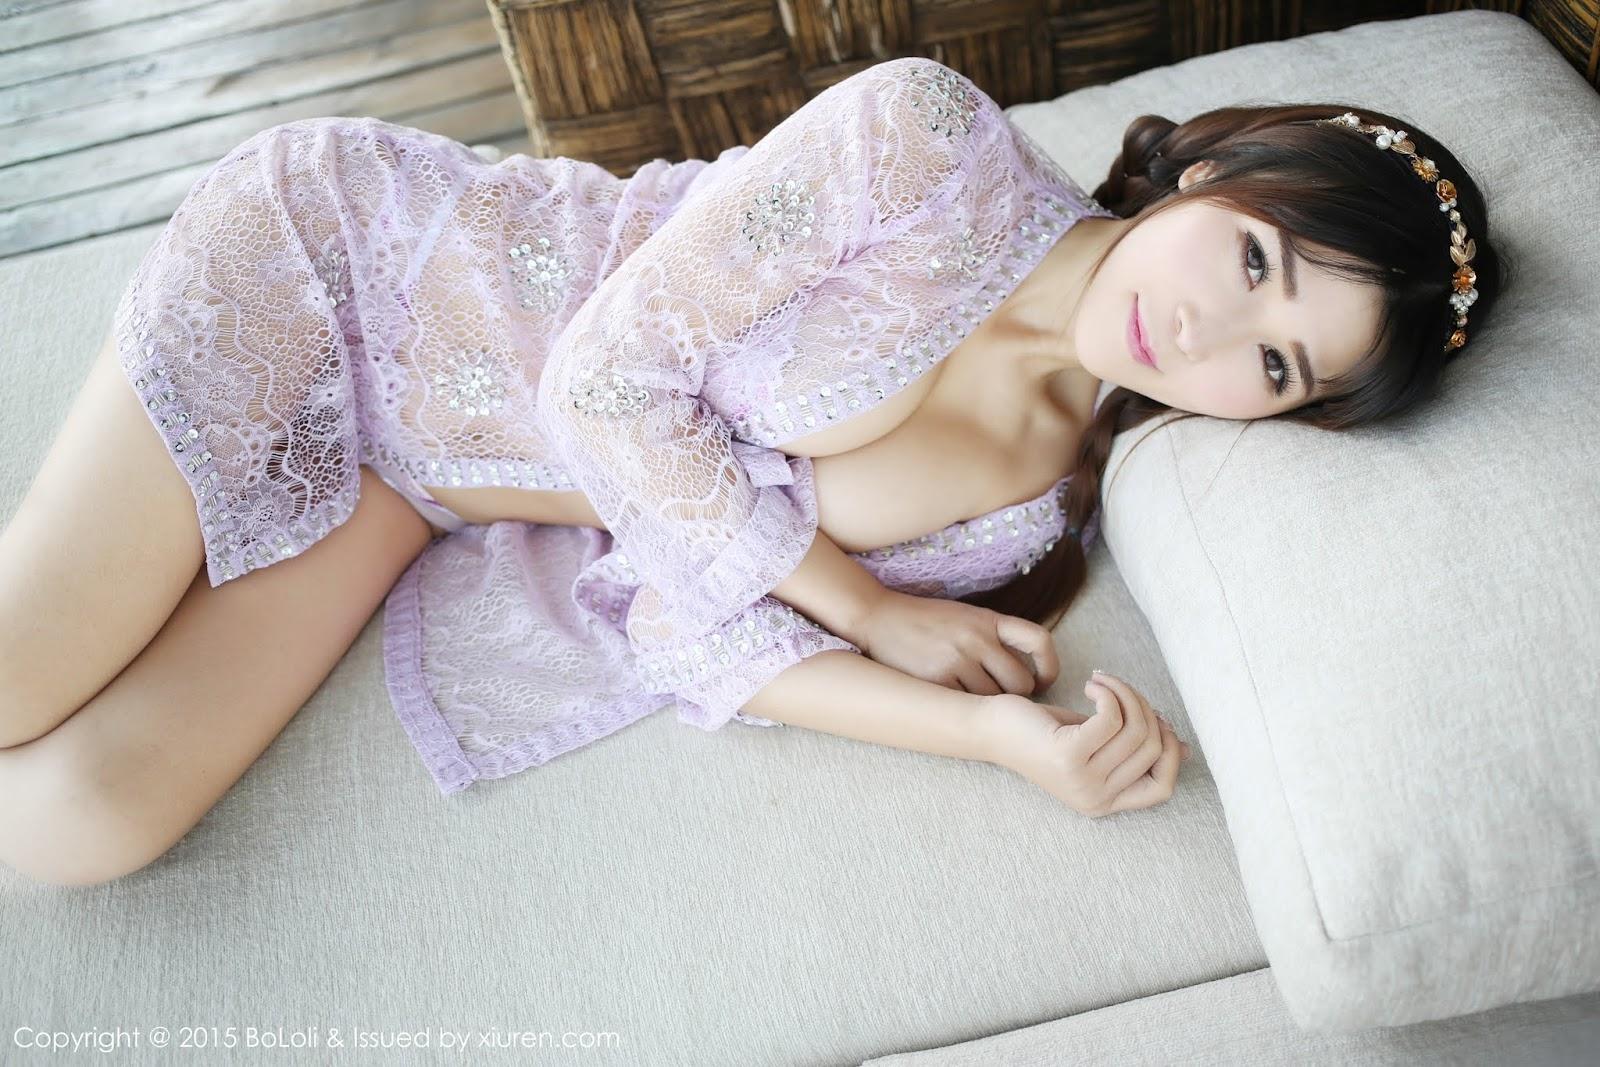 0011 - BOLOLI VOL.4 Beautiful Sexy Nude Girl